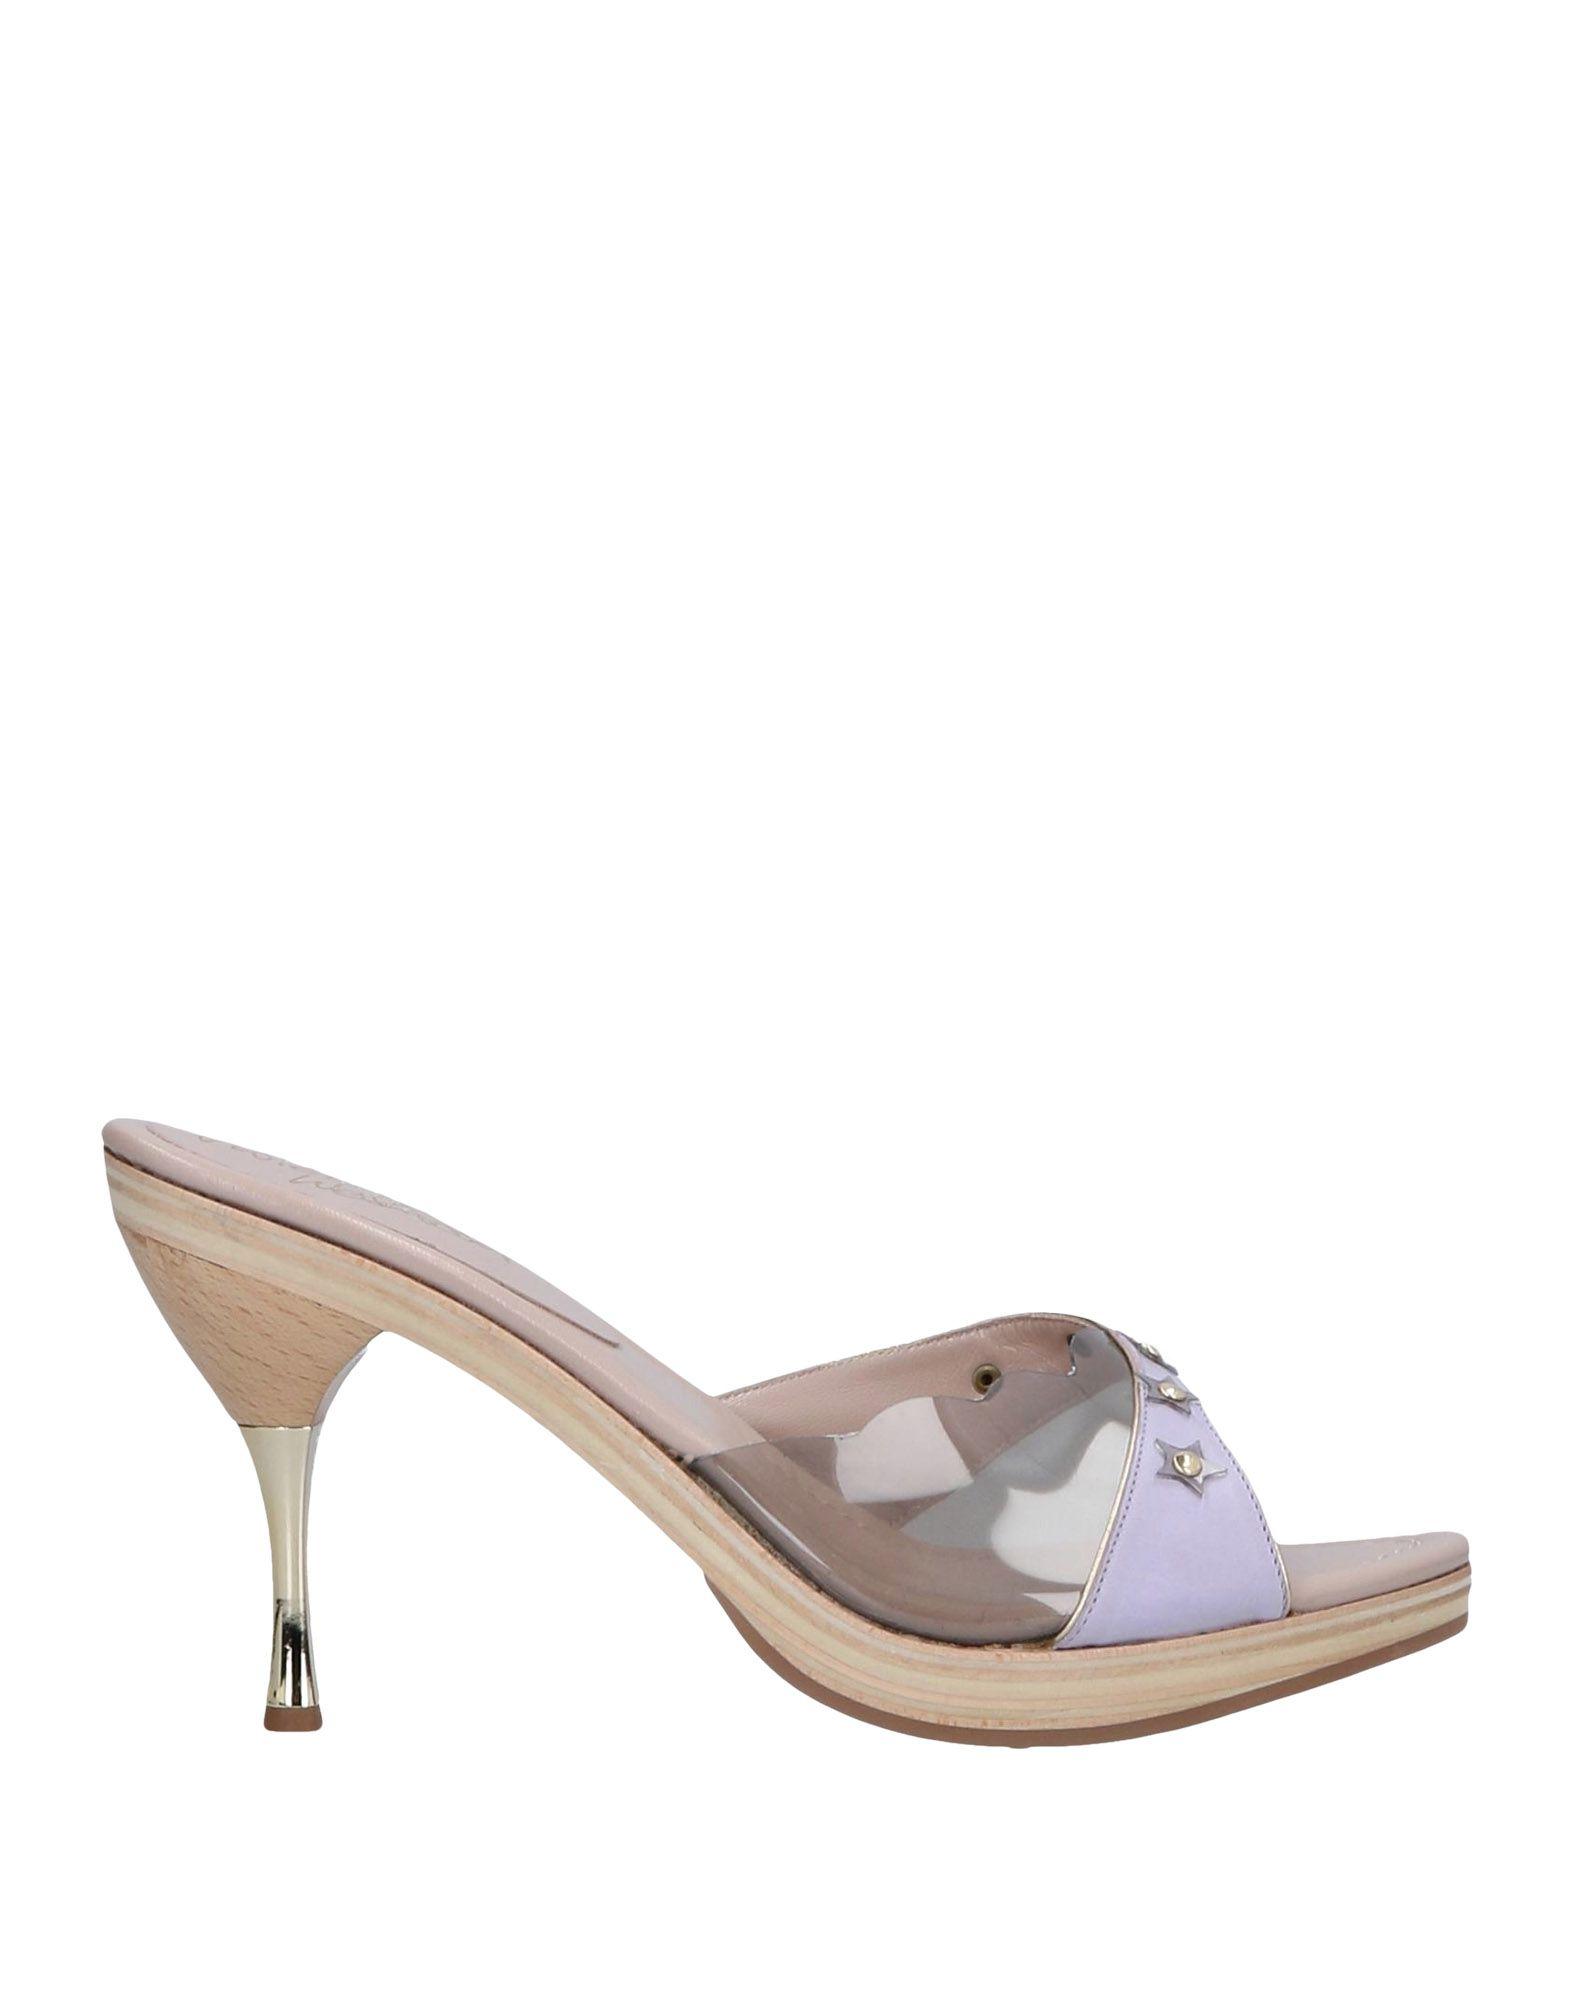 Vivienne Westwood Sandals Sandals - Women Vivienne Westwood Sandals Sandals online on  Australia - 11521082IX 8b12e8